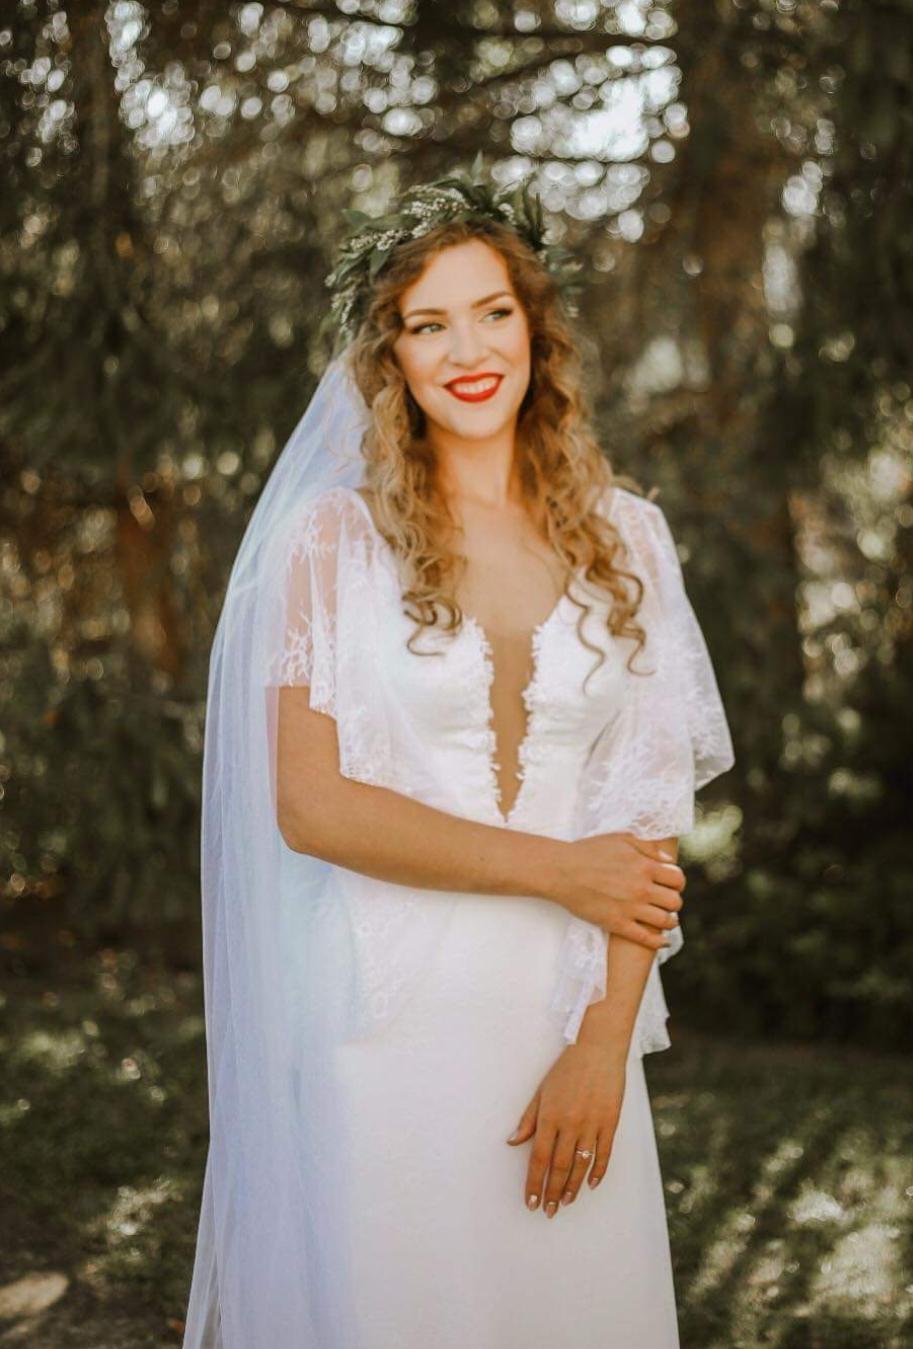 Šitie svadobných šiat na mieru,za ceny,ktoré potešia váš rozpočet. - Obrázok č. 1